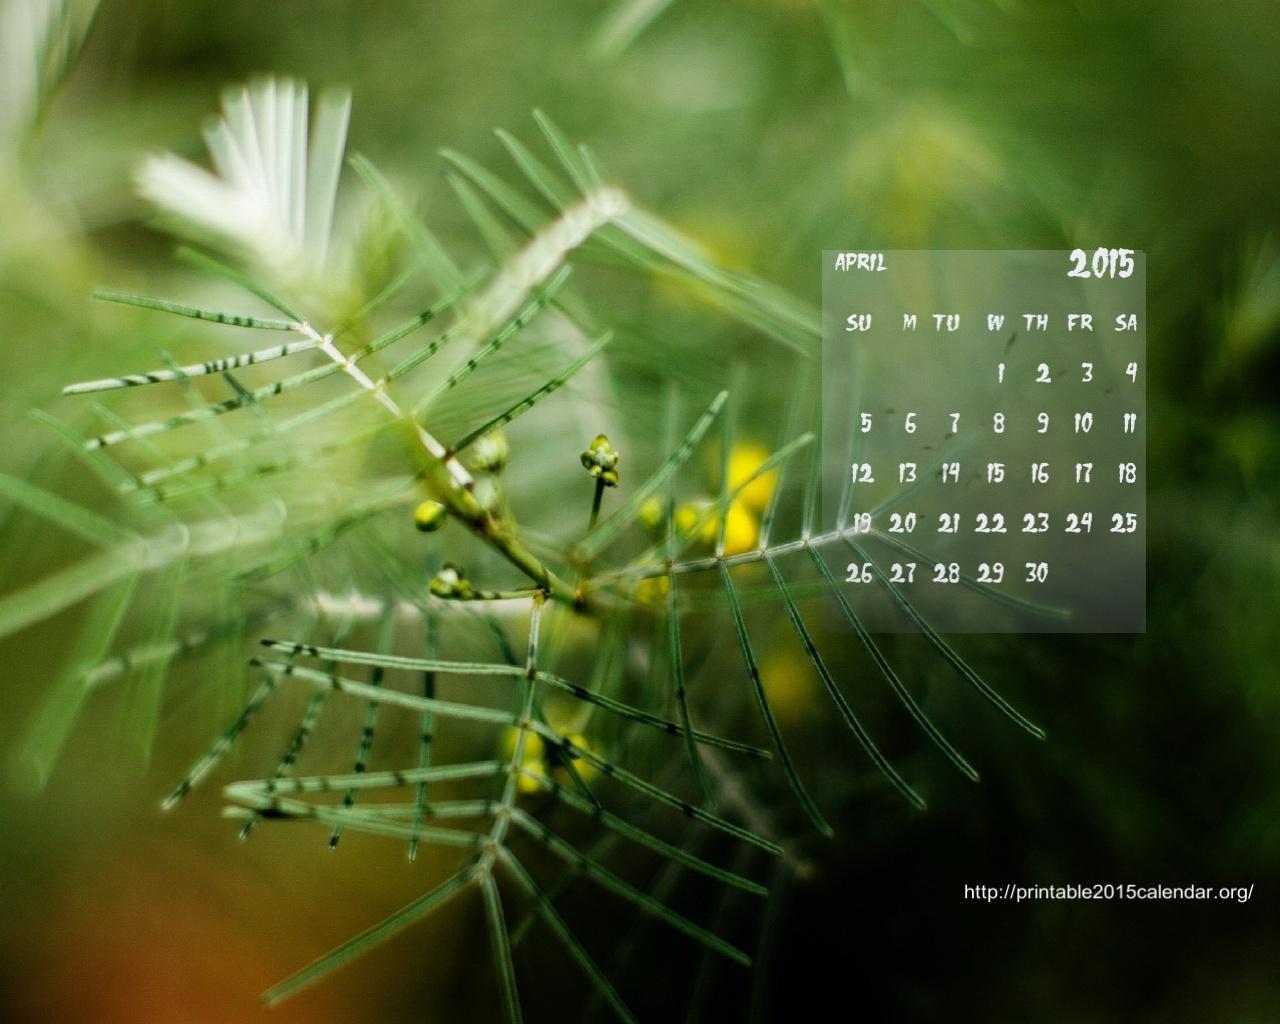 April 2015 Calendar Wallpaper 1280x1024